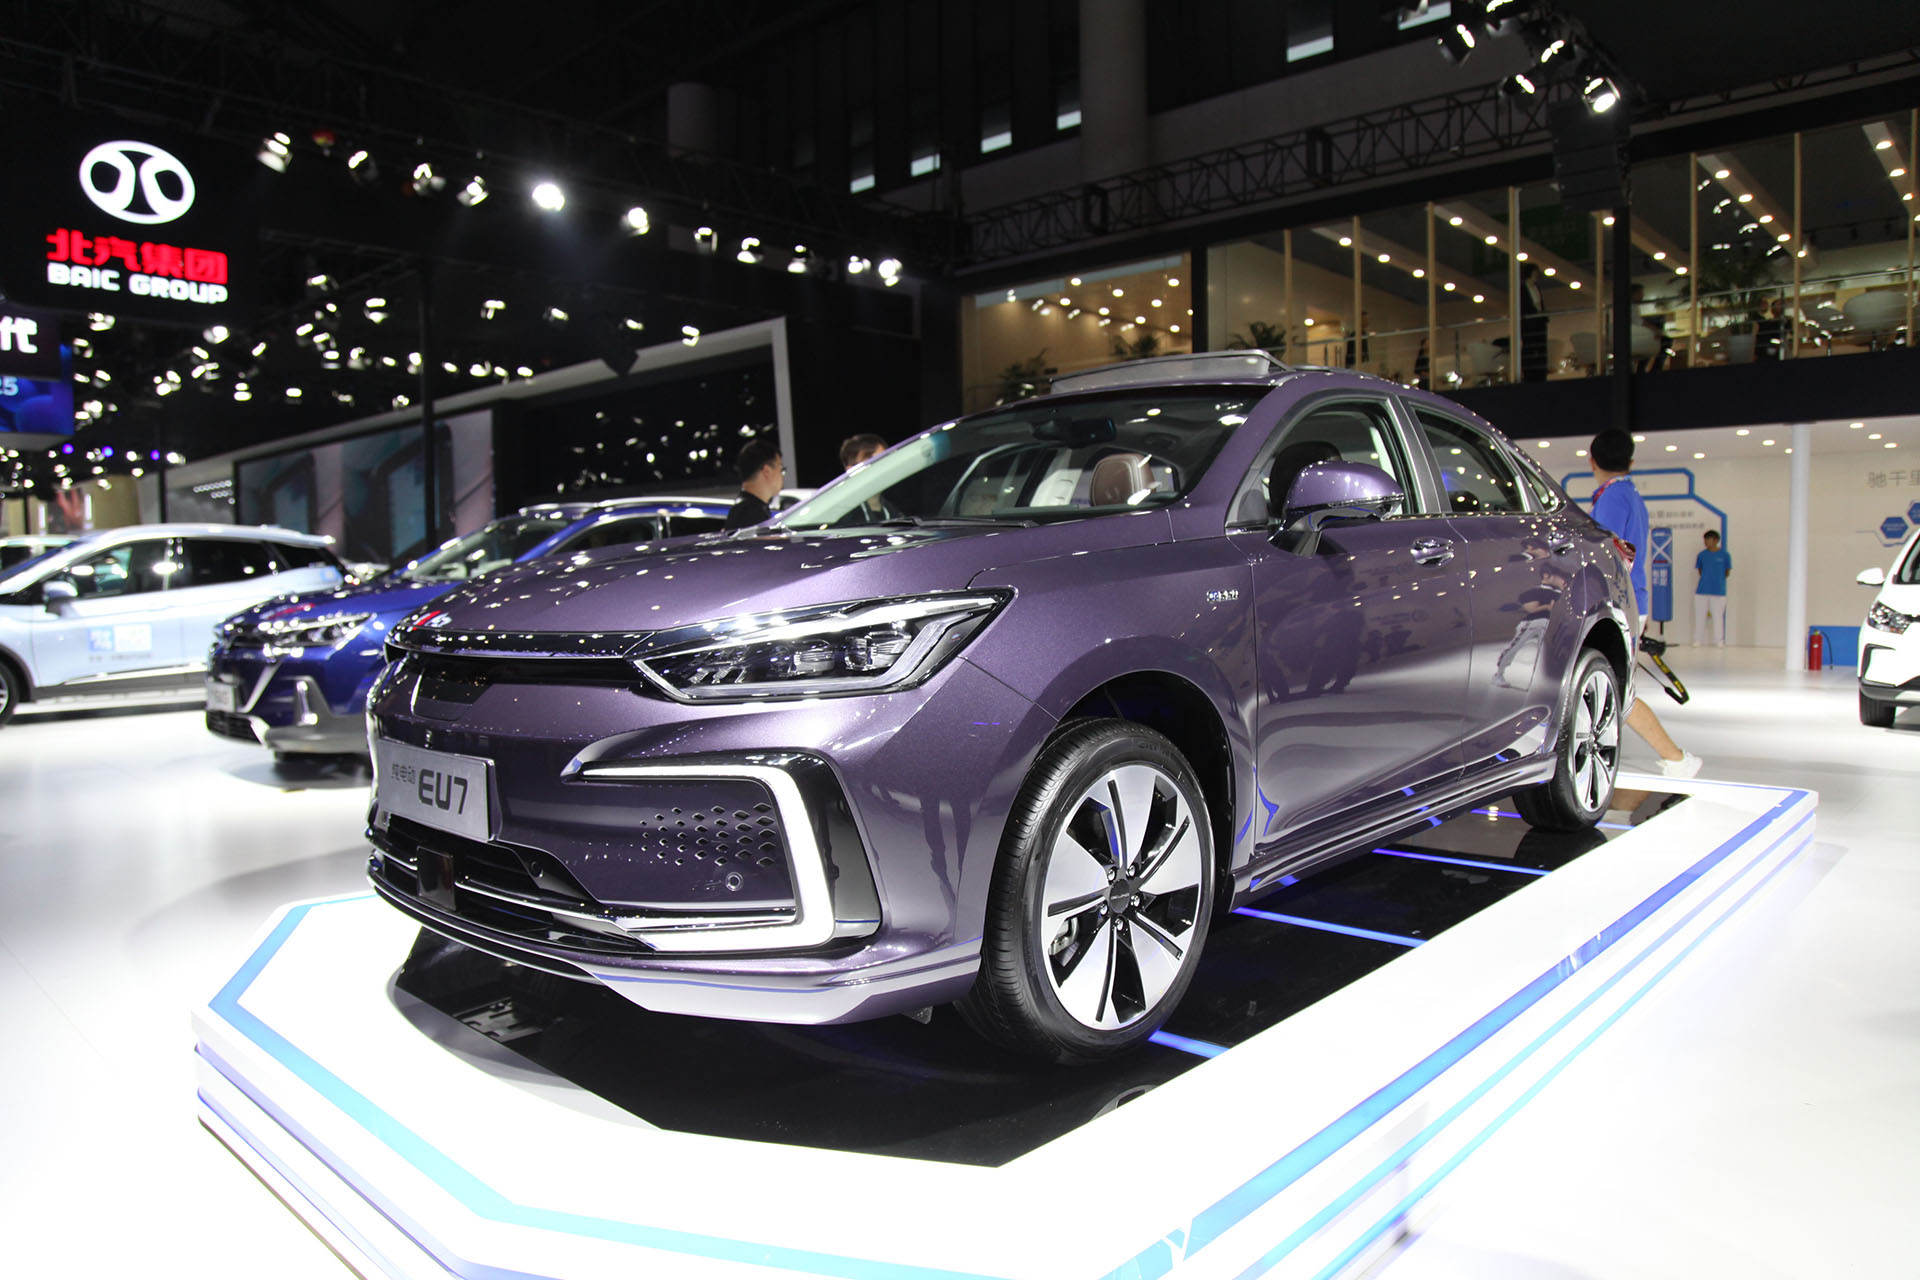 NEDC续航451 km,定位中型轿车,北京汽车EU7将于9月19日上市